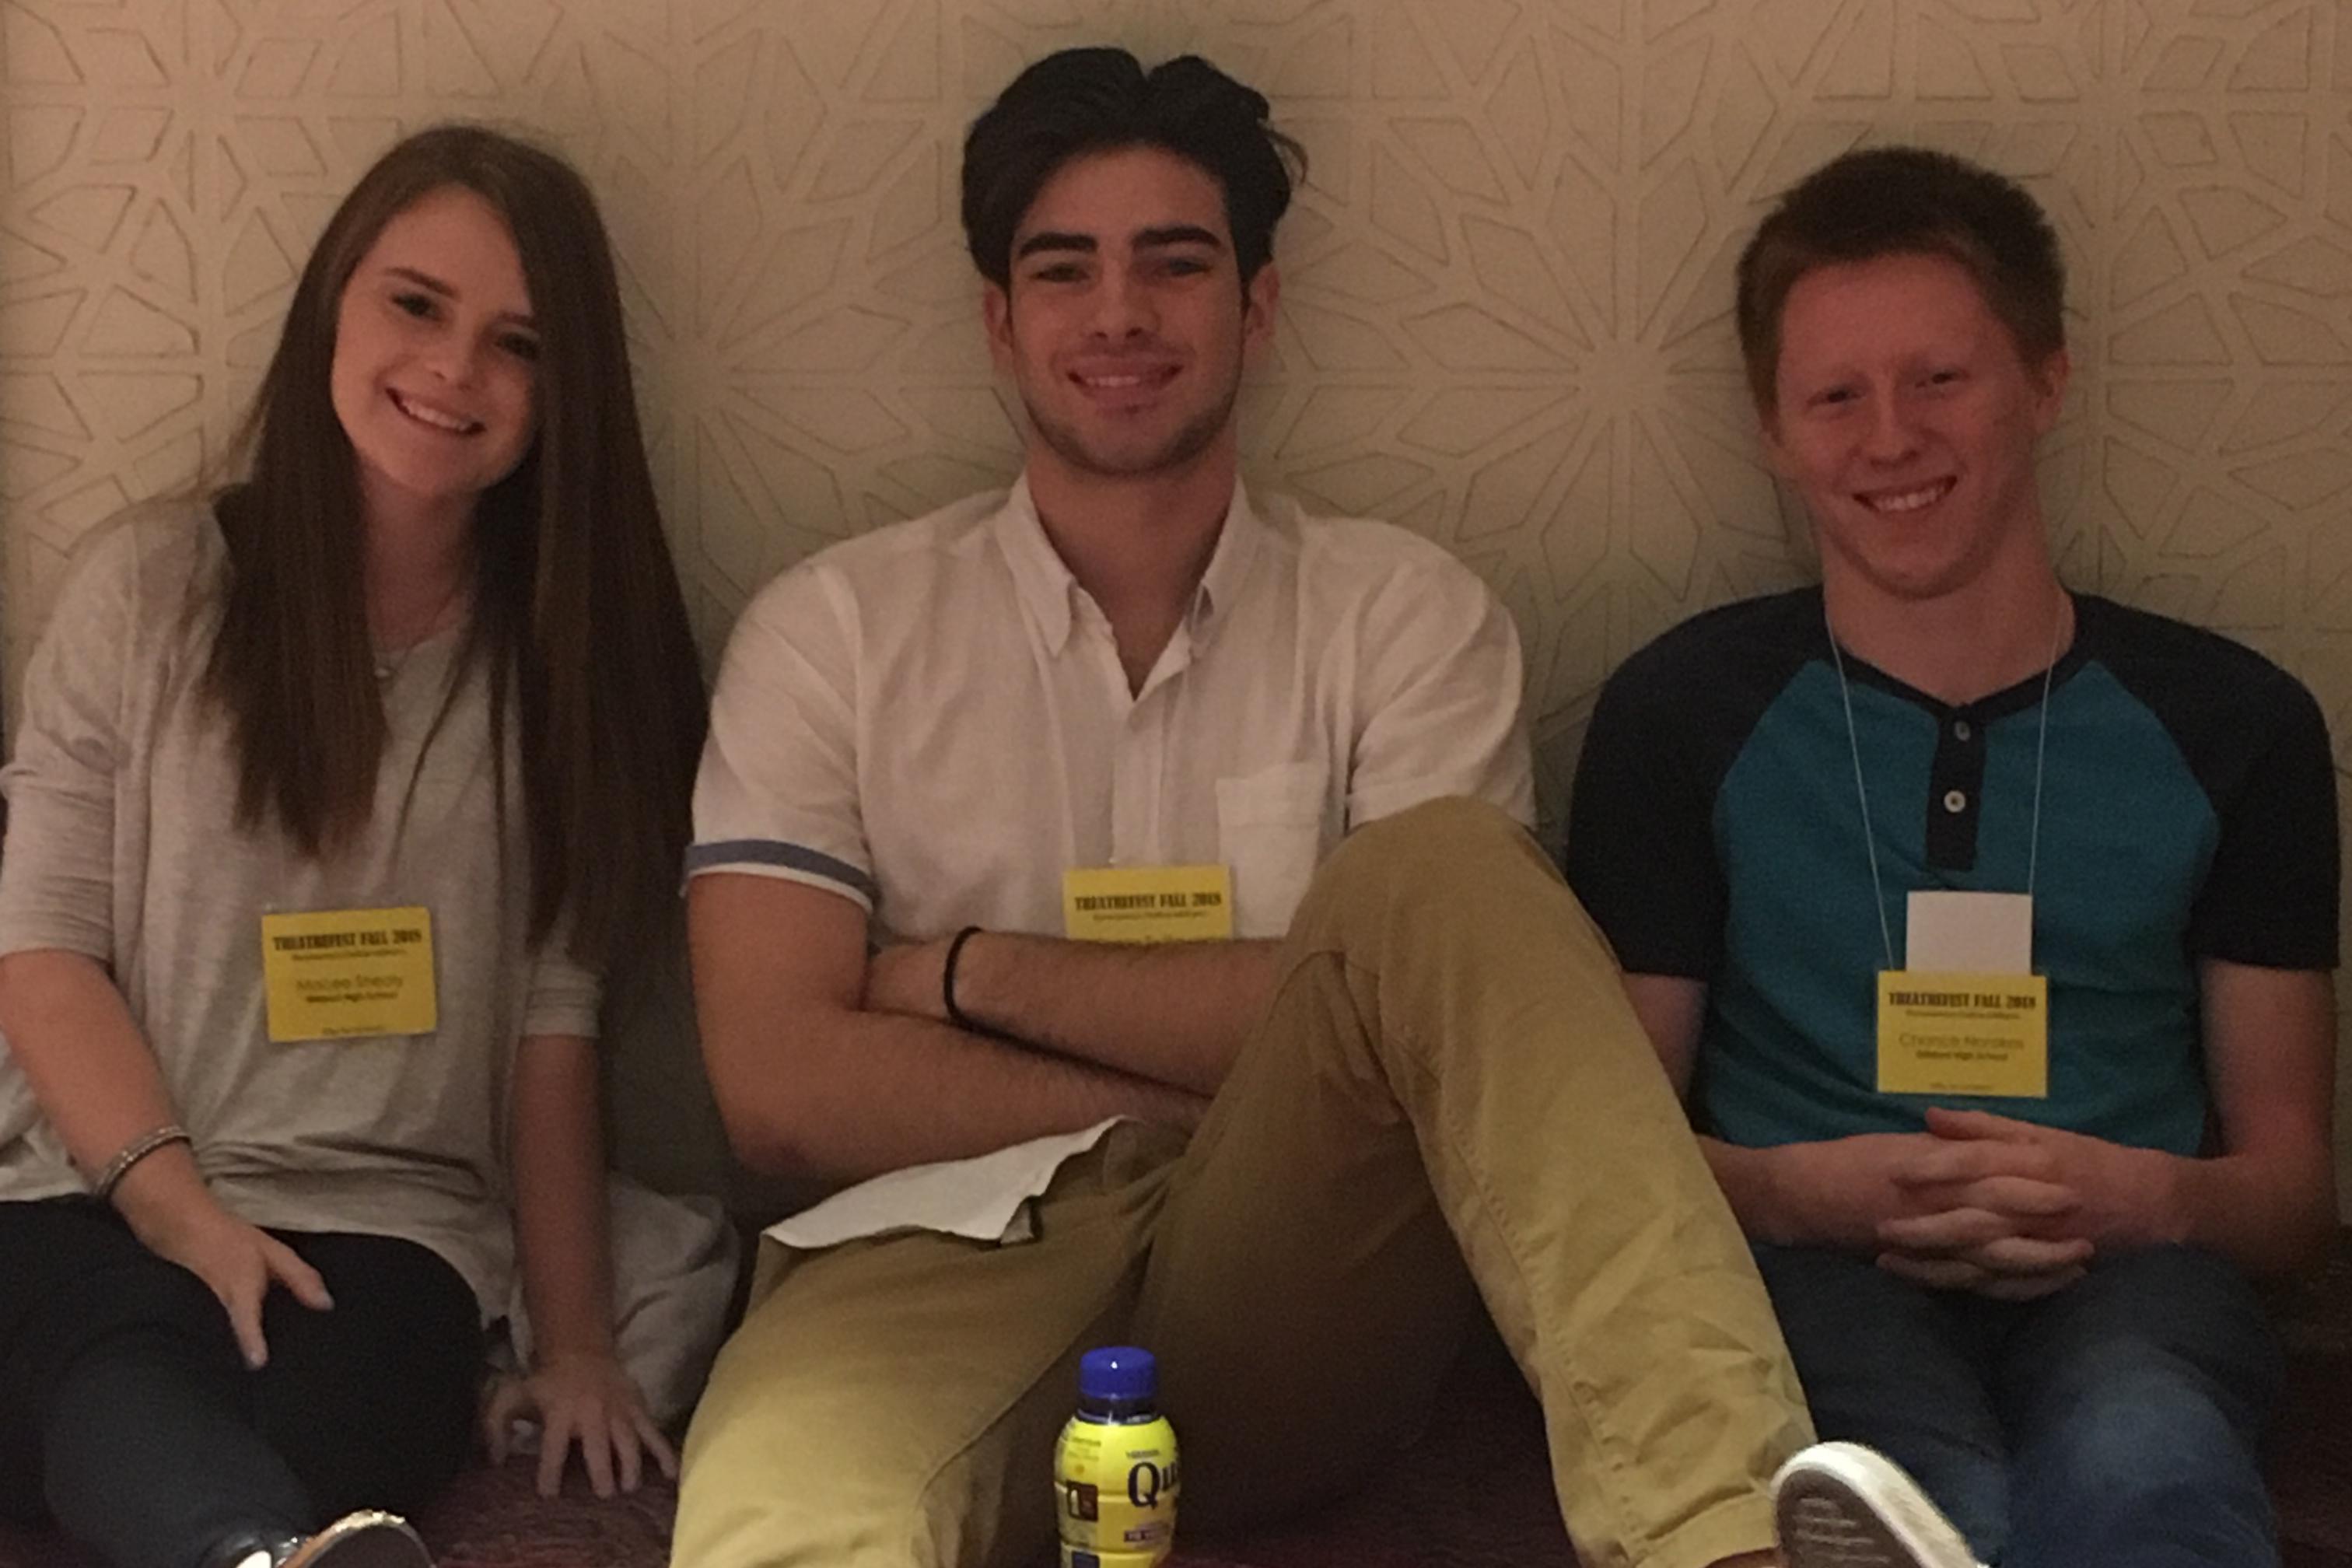 Chance, Ty, & Macee